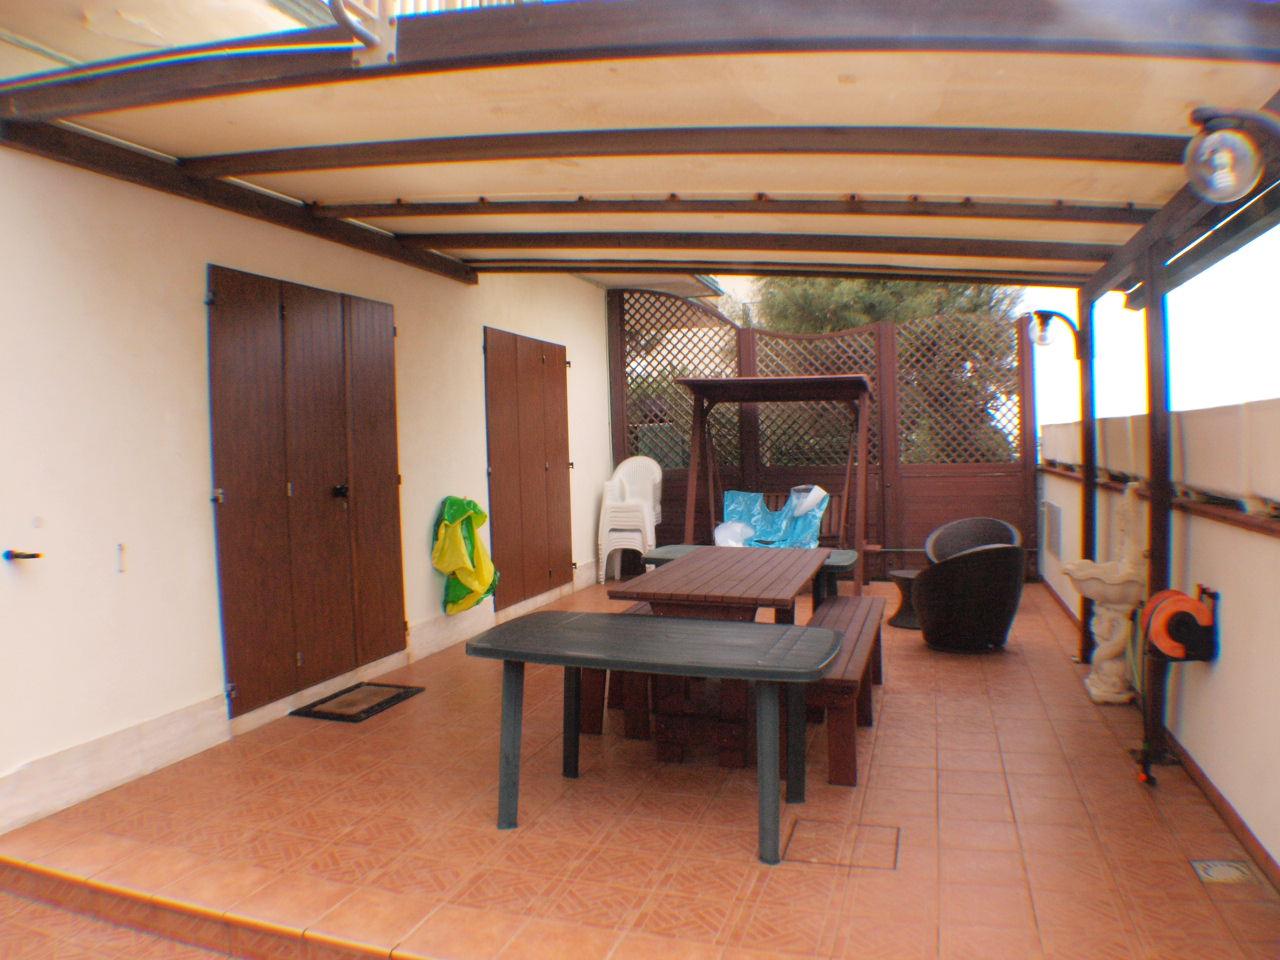 Appartamento affitto SENIGALLIA (AN) - 99 LOCALI - 0 MQ